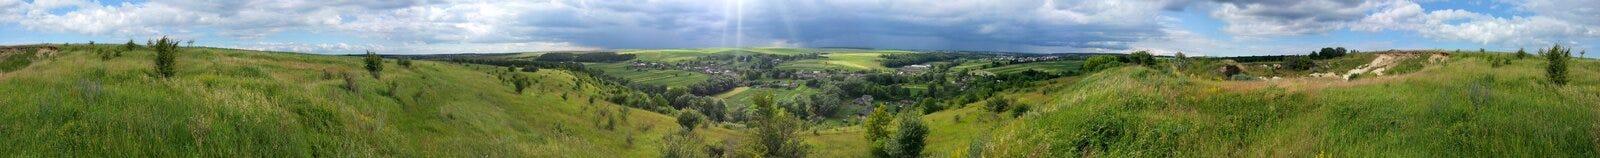 Ukrainian nature Stock Photos